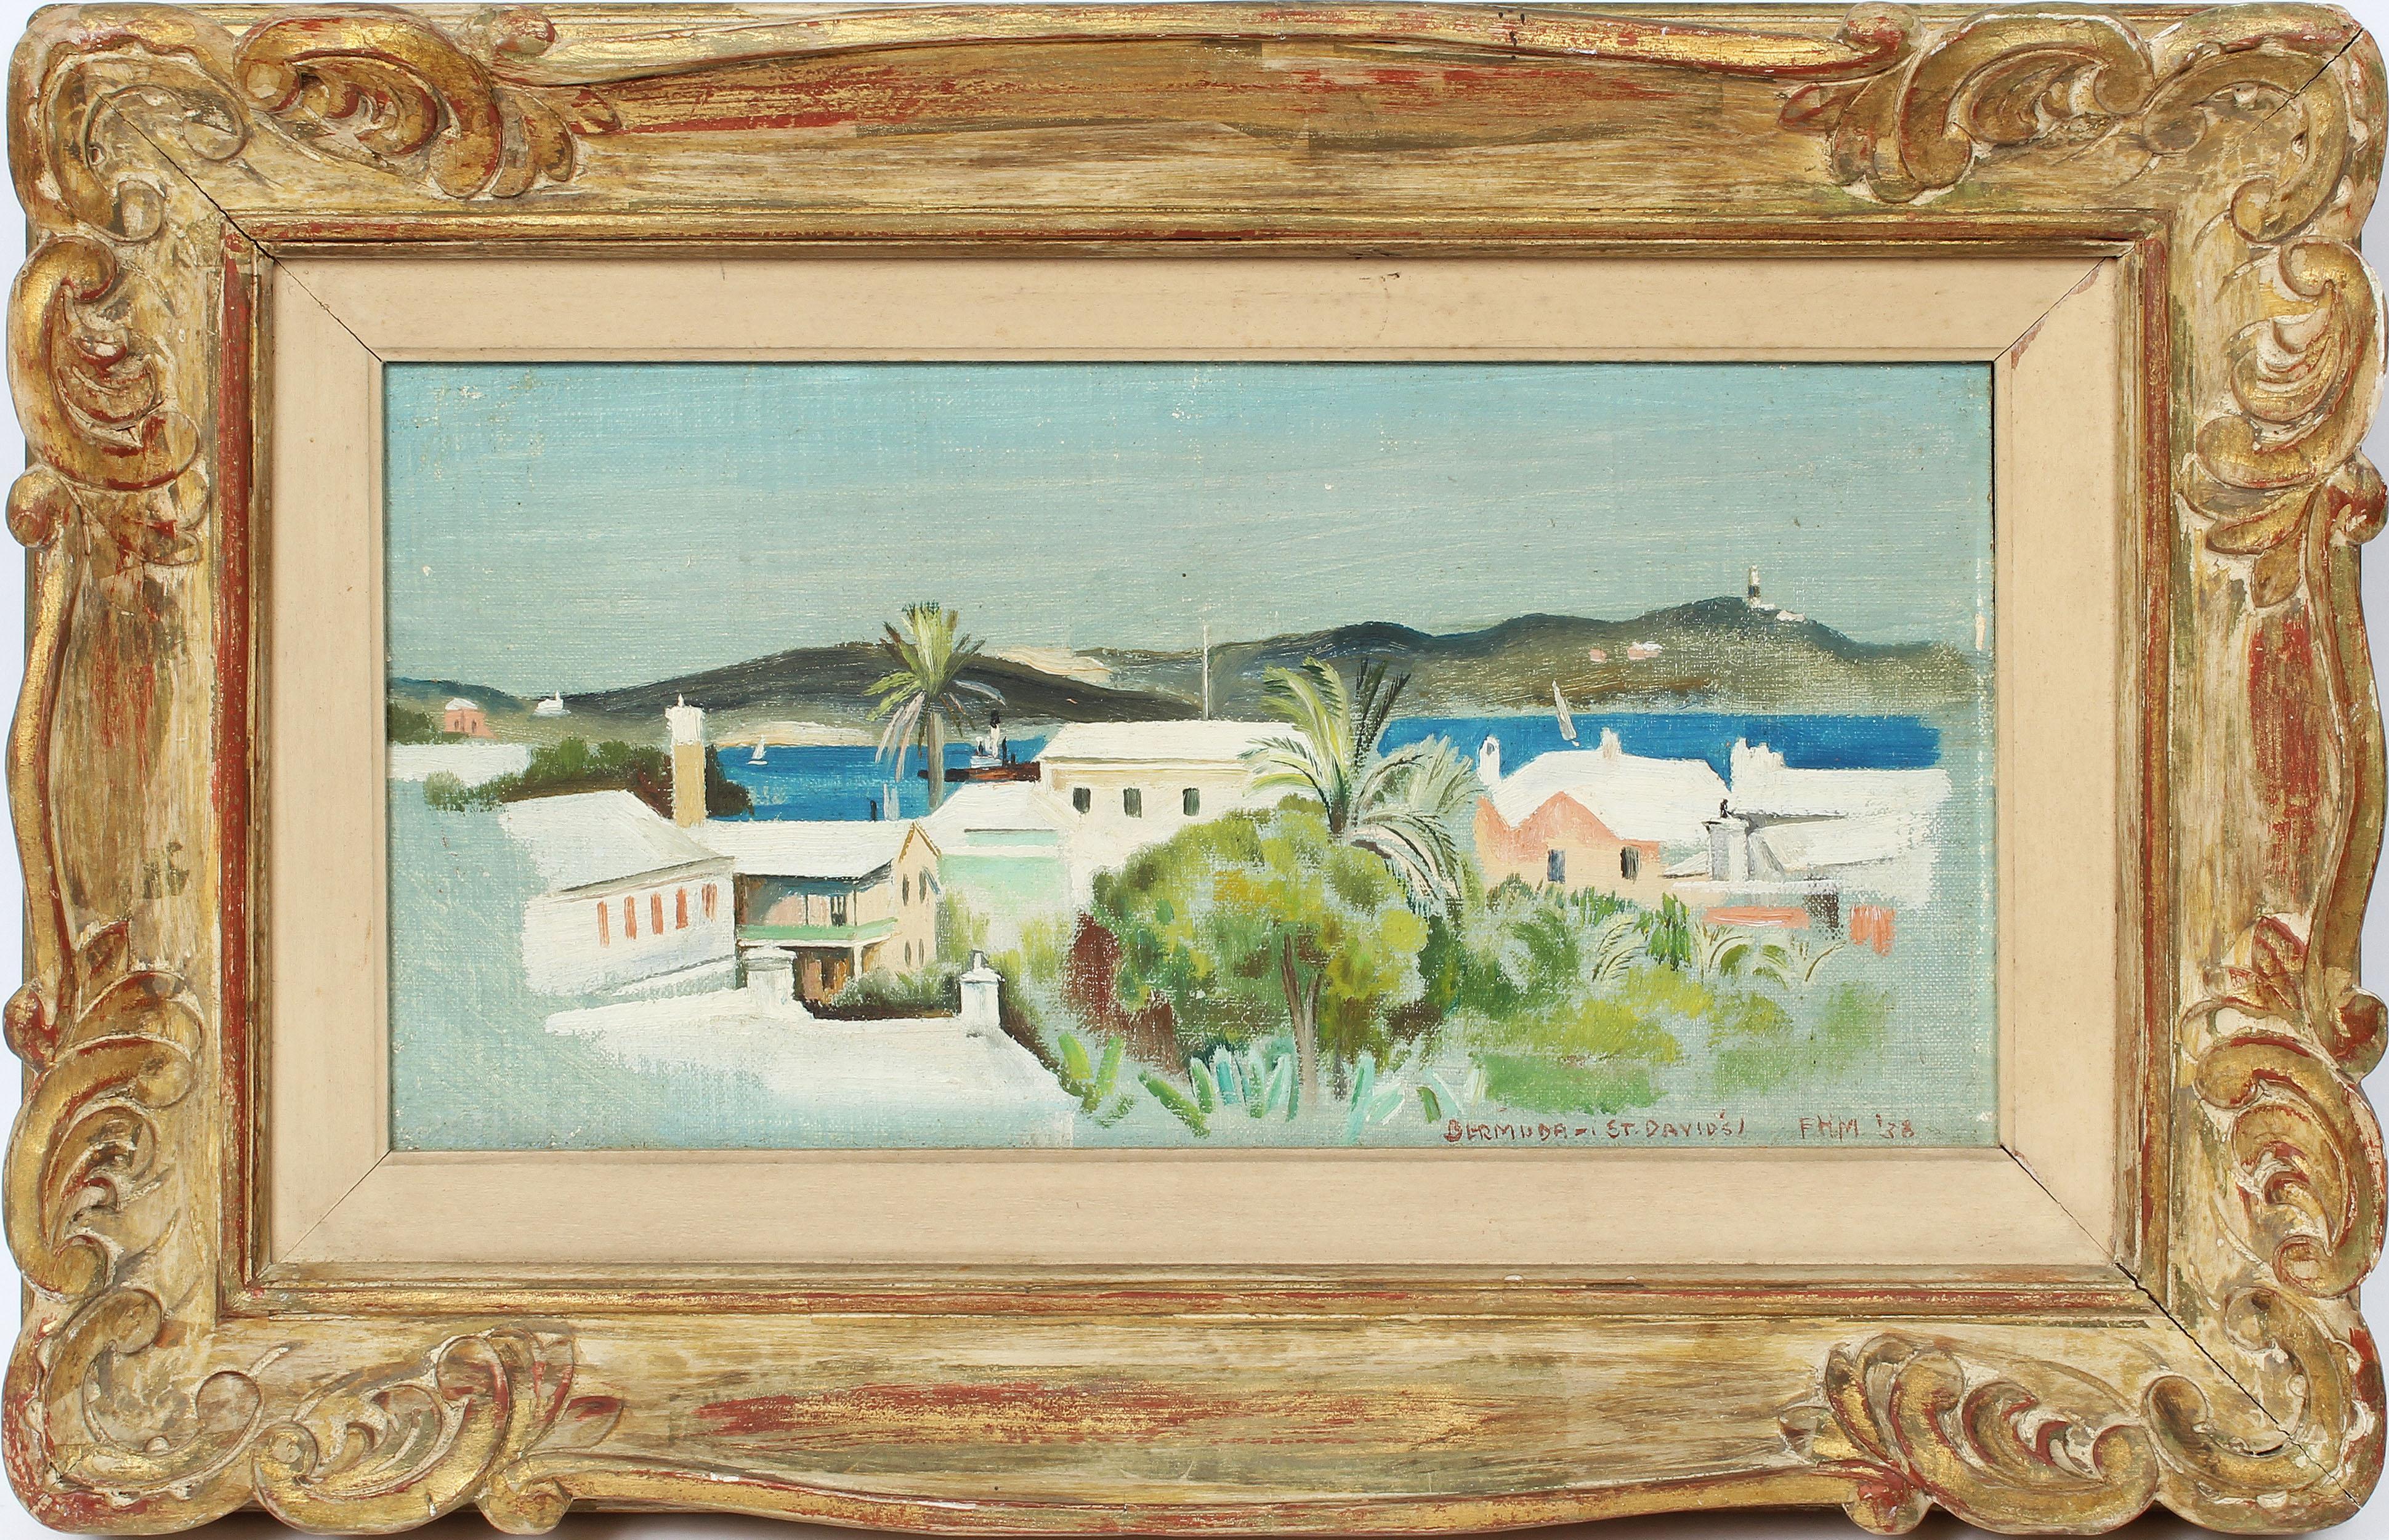 Antique American Female Impressionist St. David's Bermuda Harbor Oil Painting